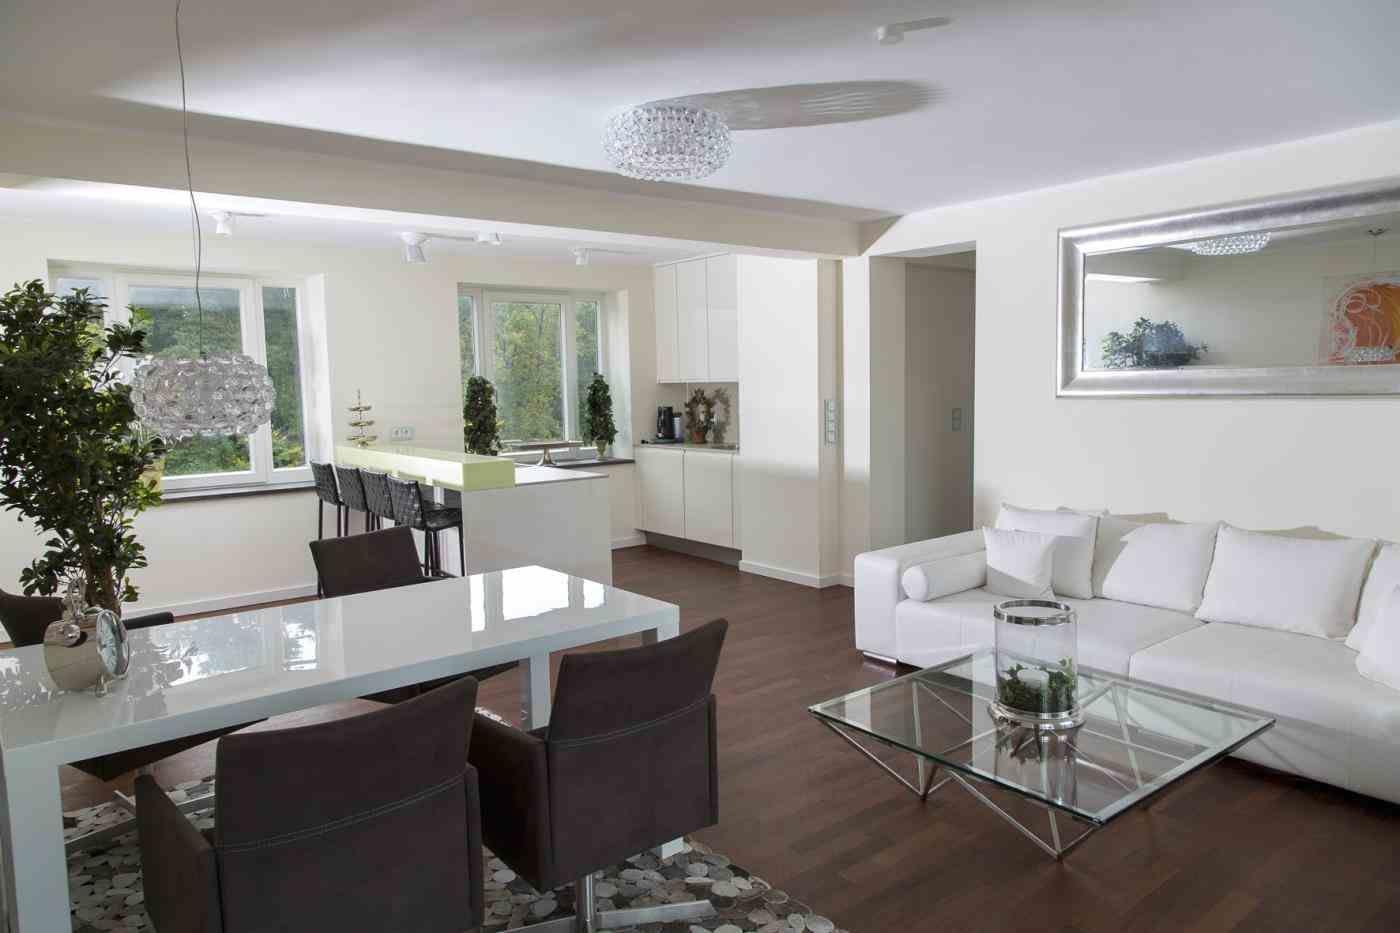 Bildergebnis für Wohn-Esszimmer einrichten mit Küche | Wohnzimmer ...